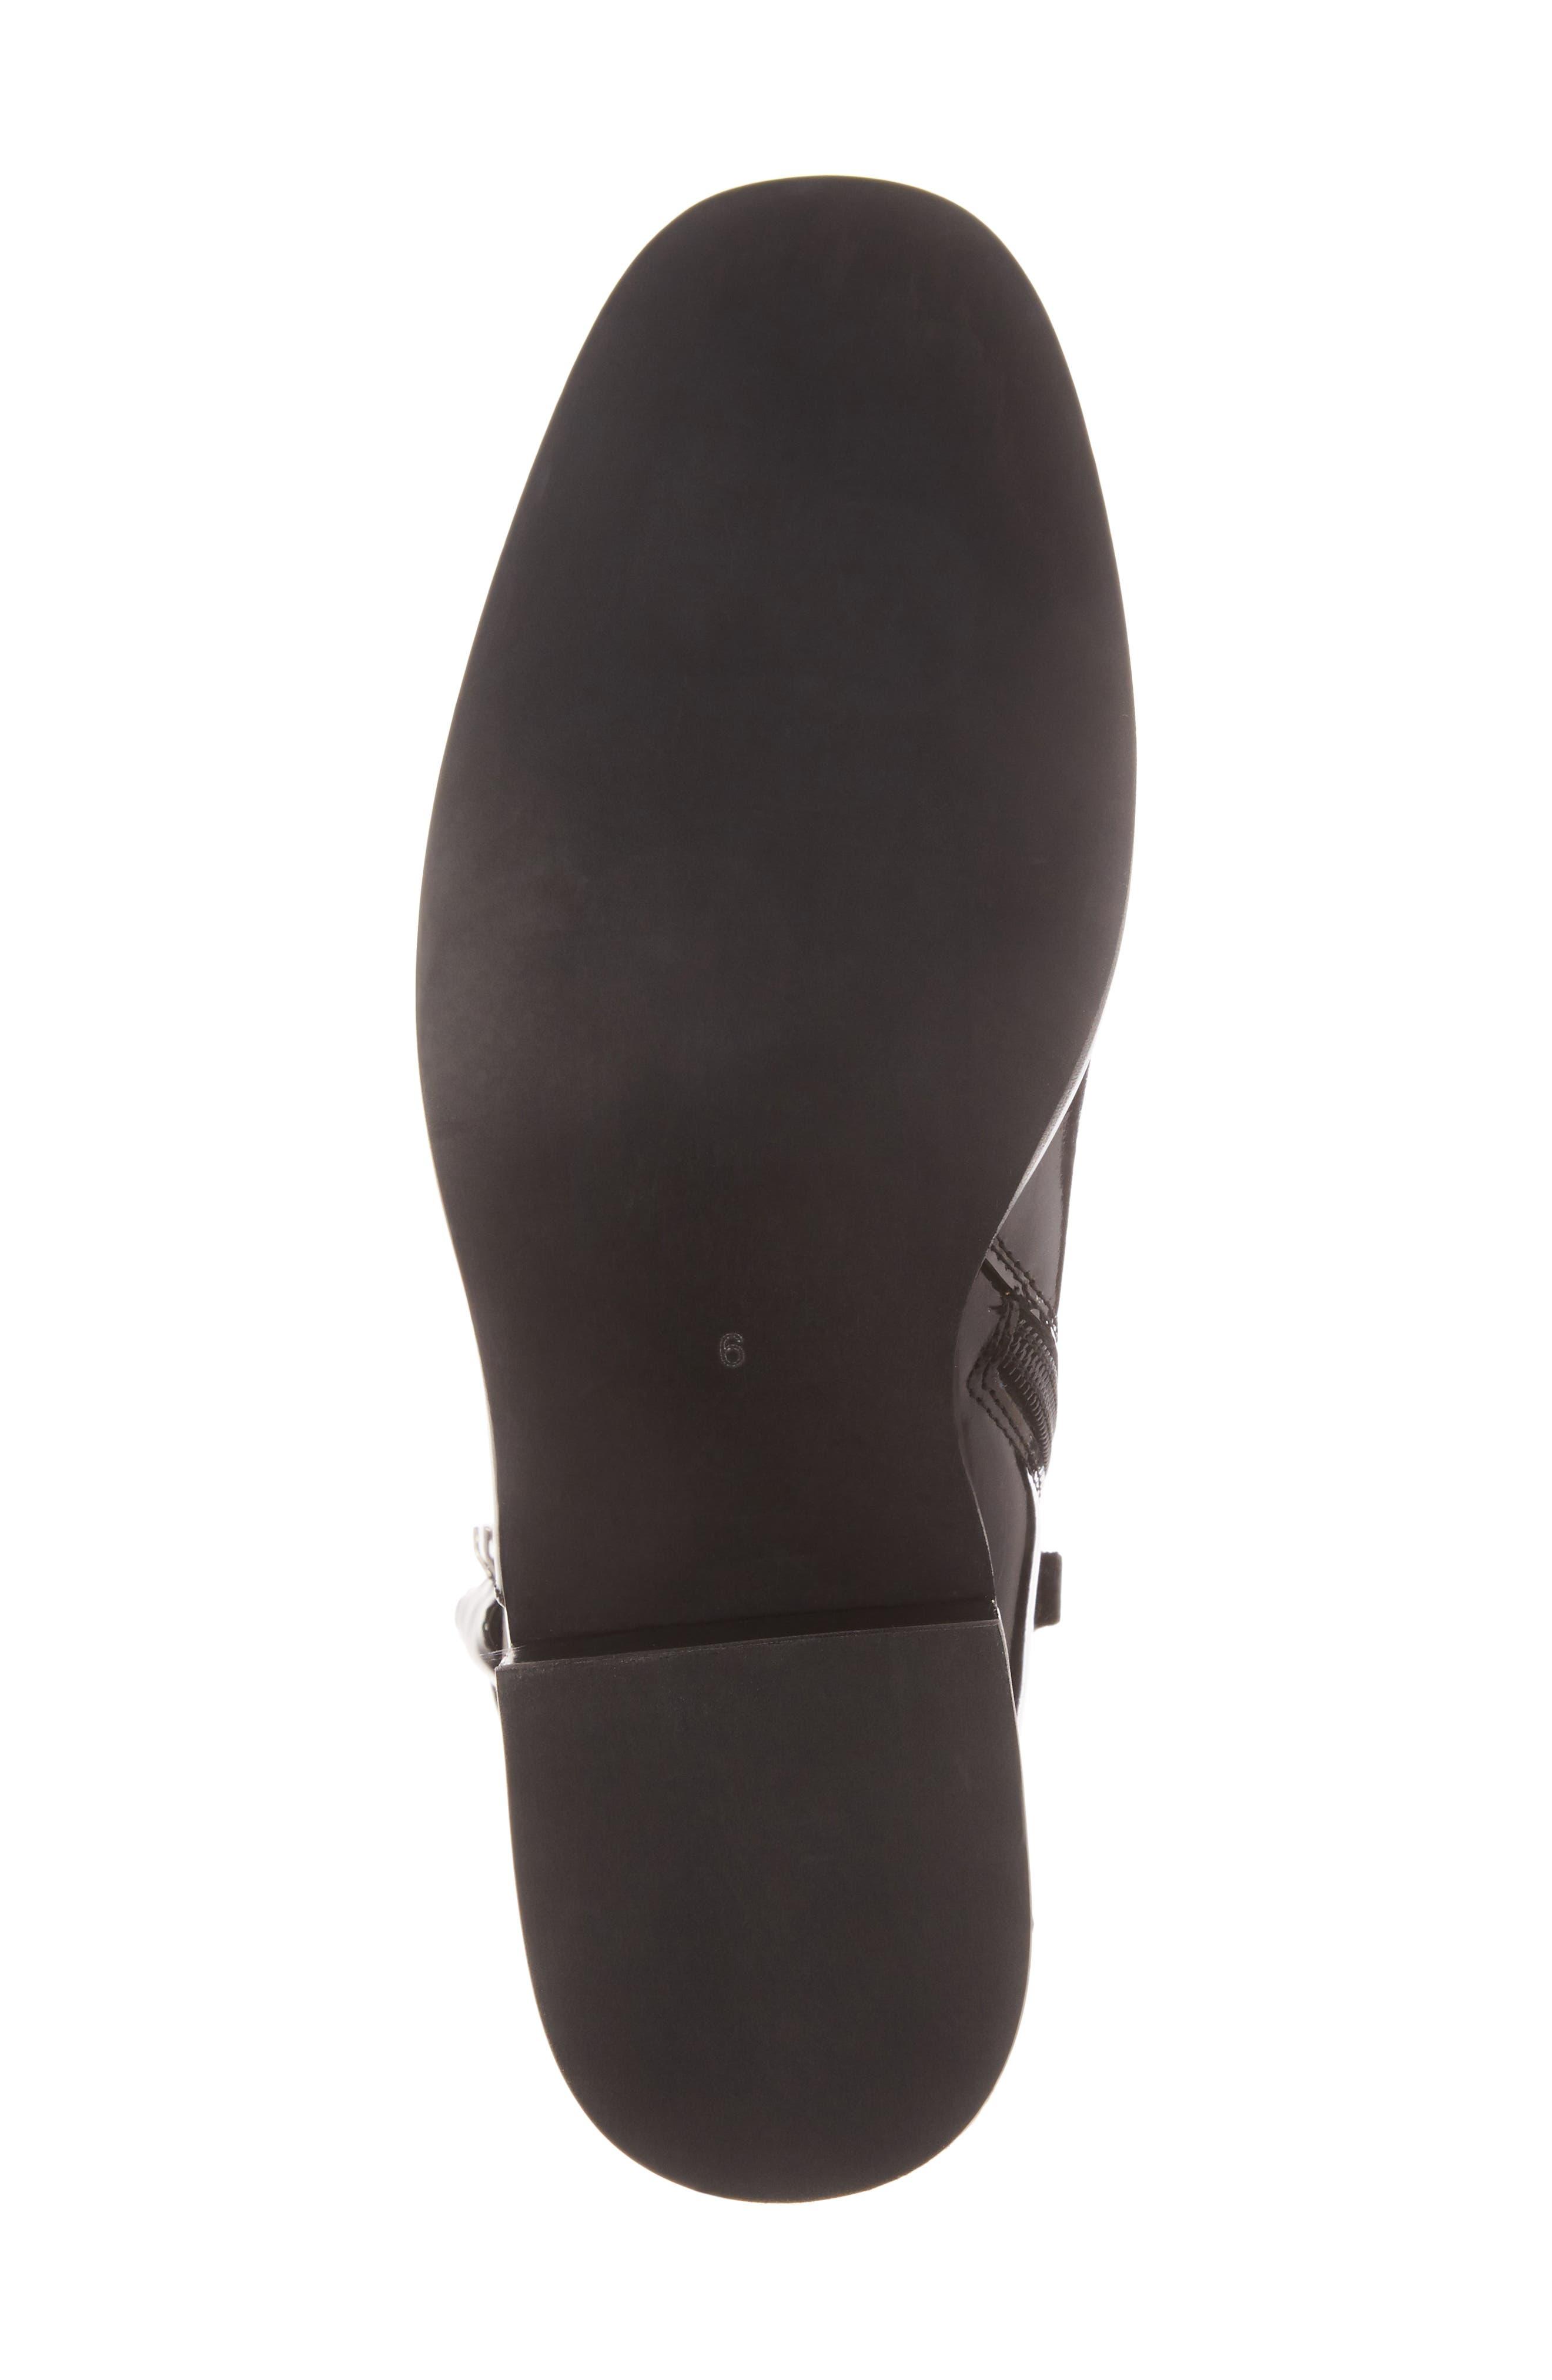 Regan Buckle Strap Bootie,                             Alternate thumbnail 6, color,                             Black Leather